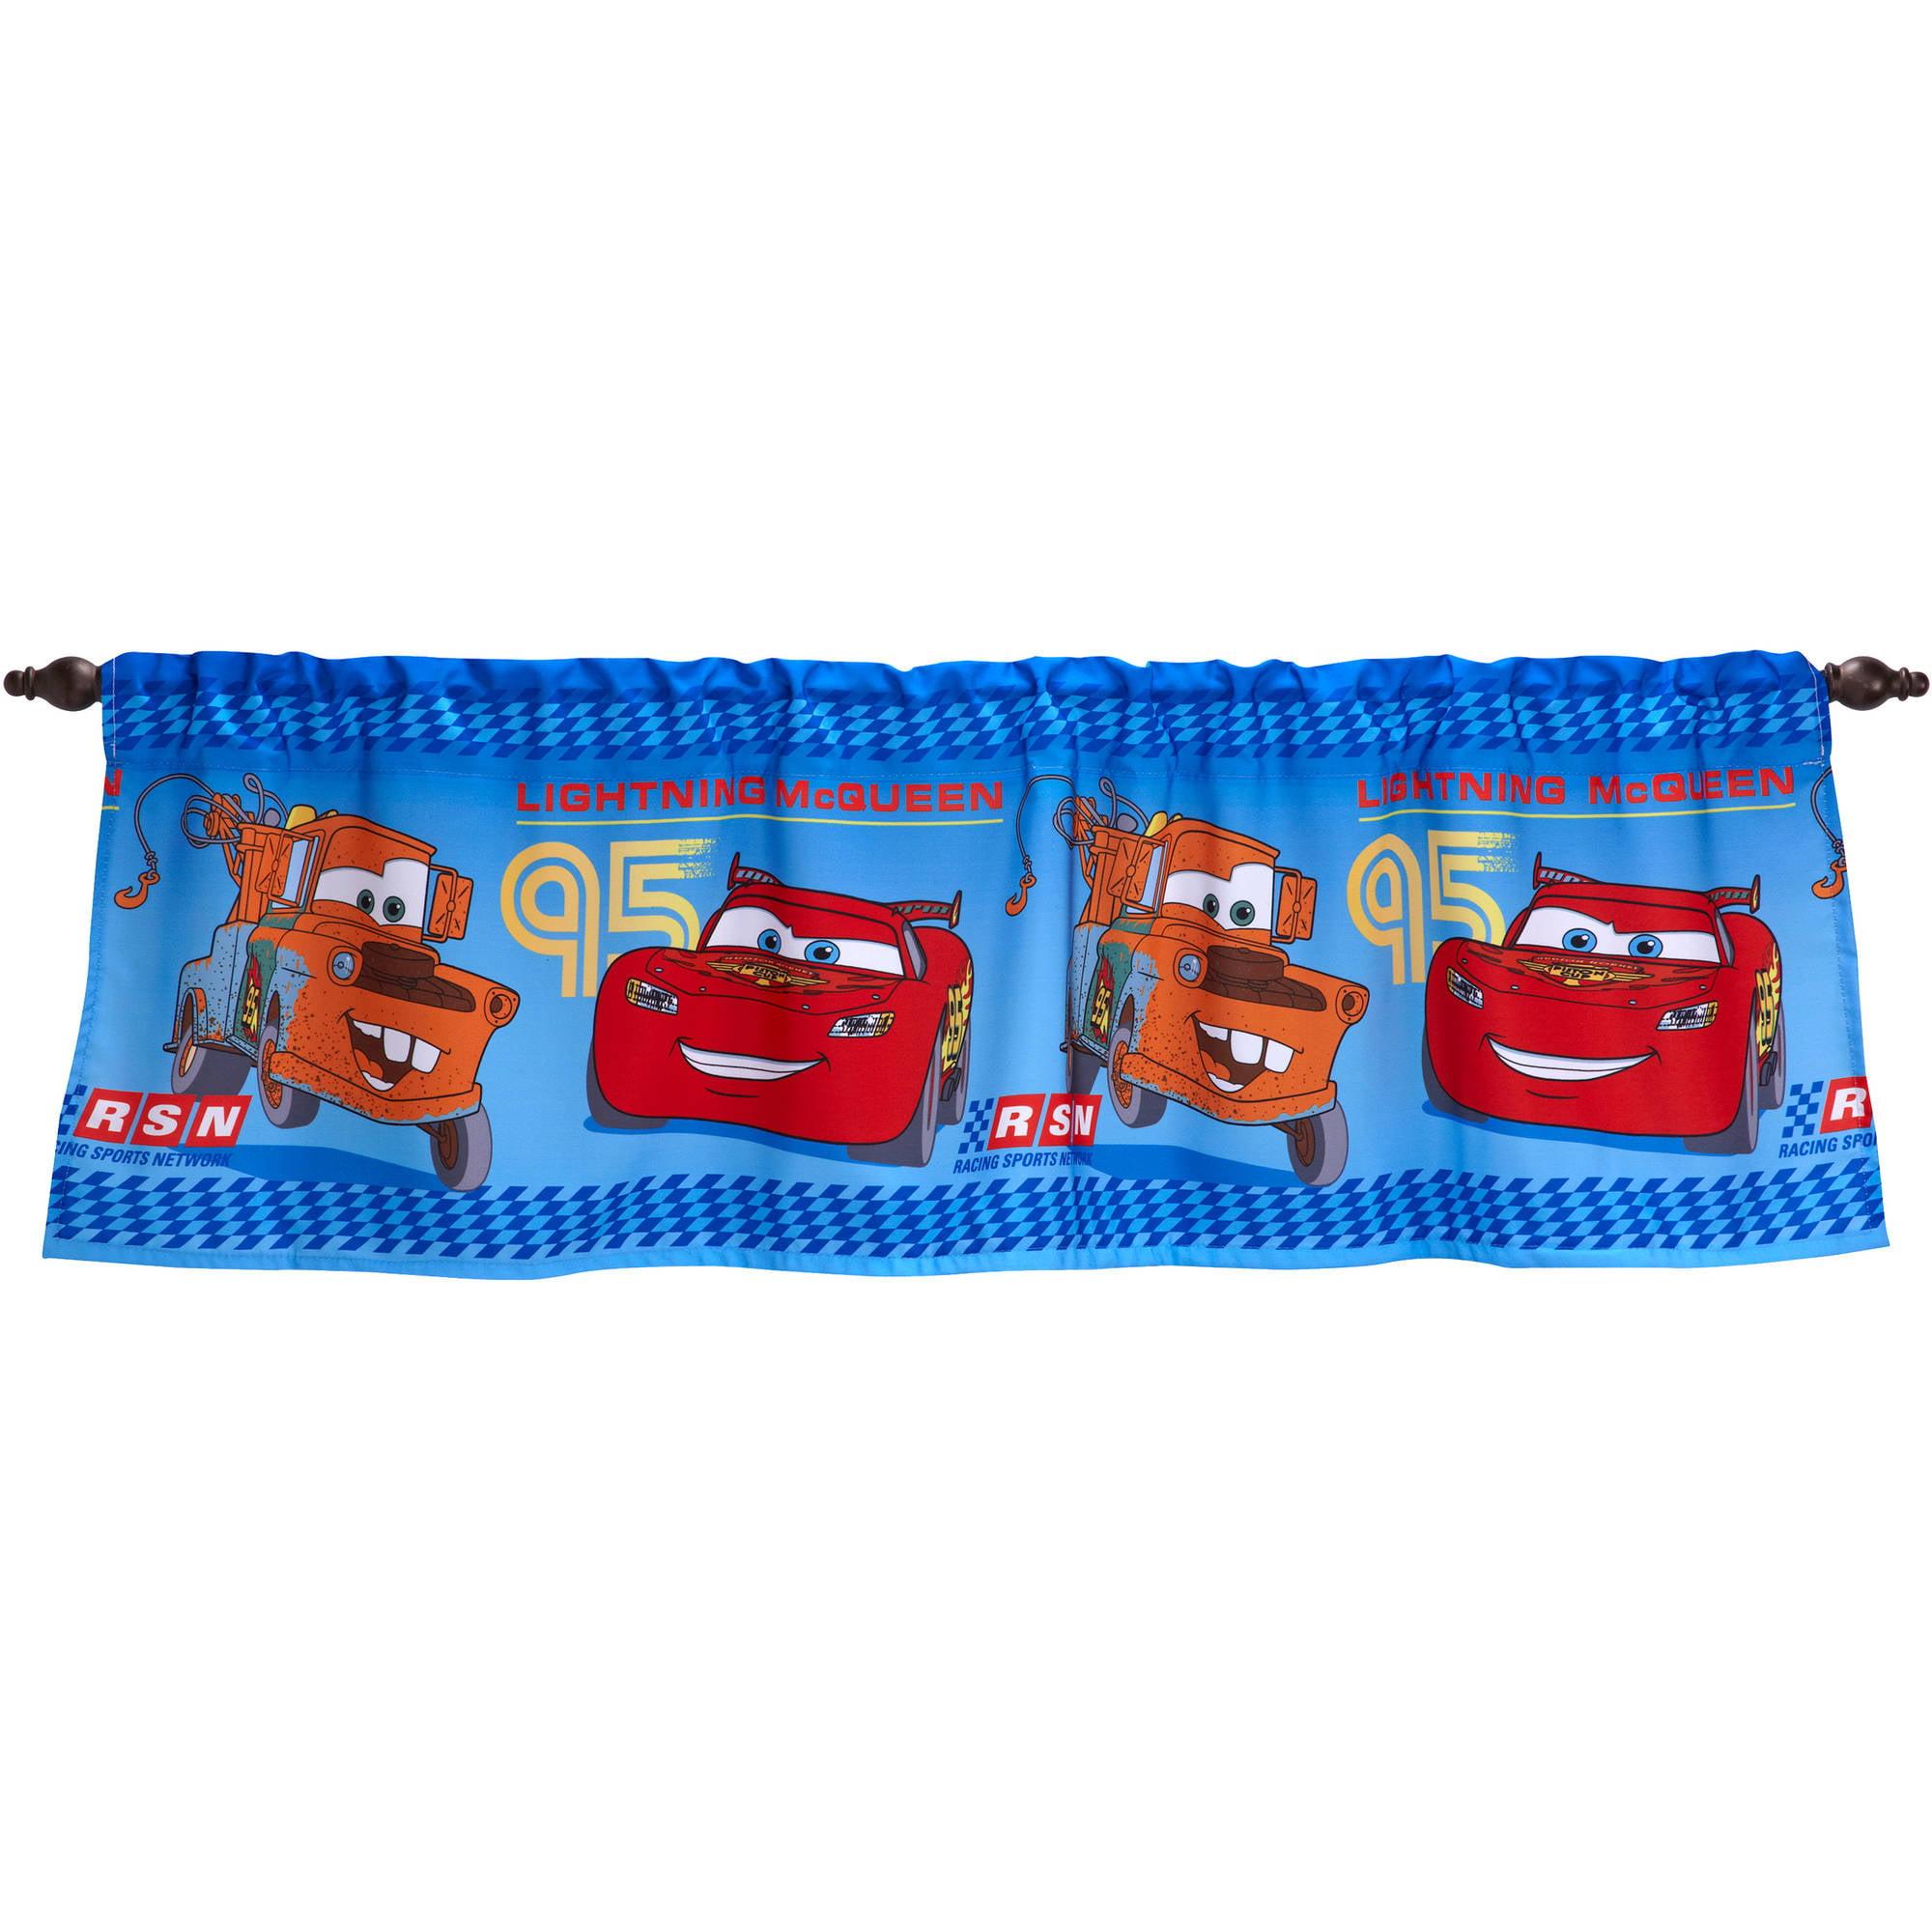 Disney Cars Boys Bedroom Curtain Valance